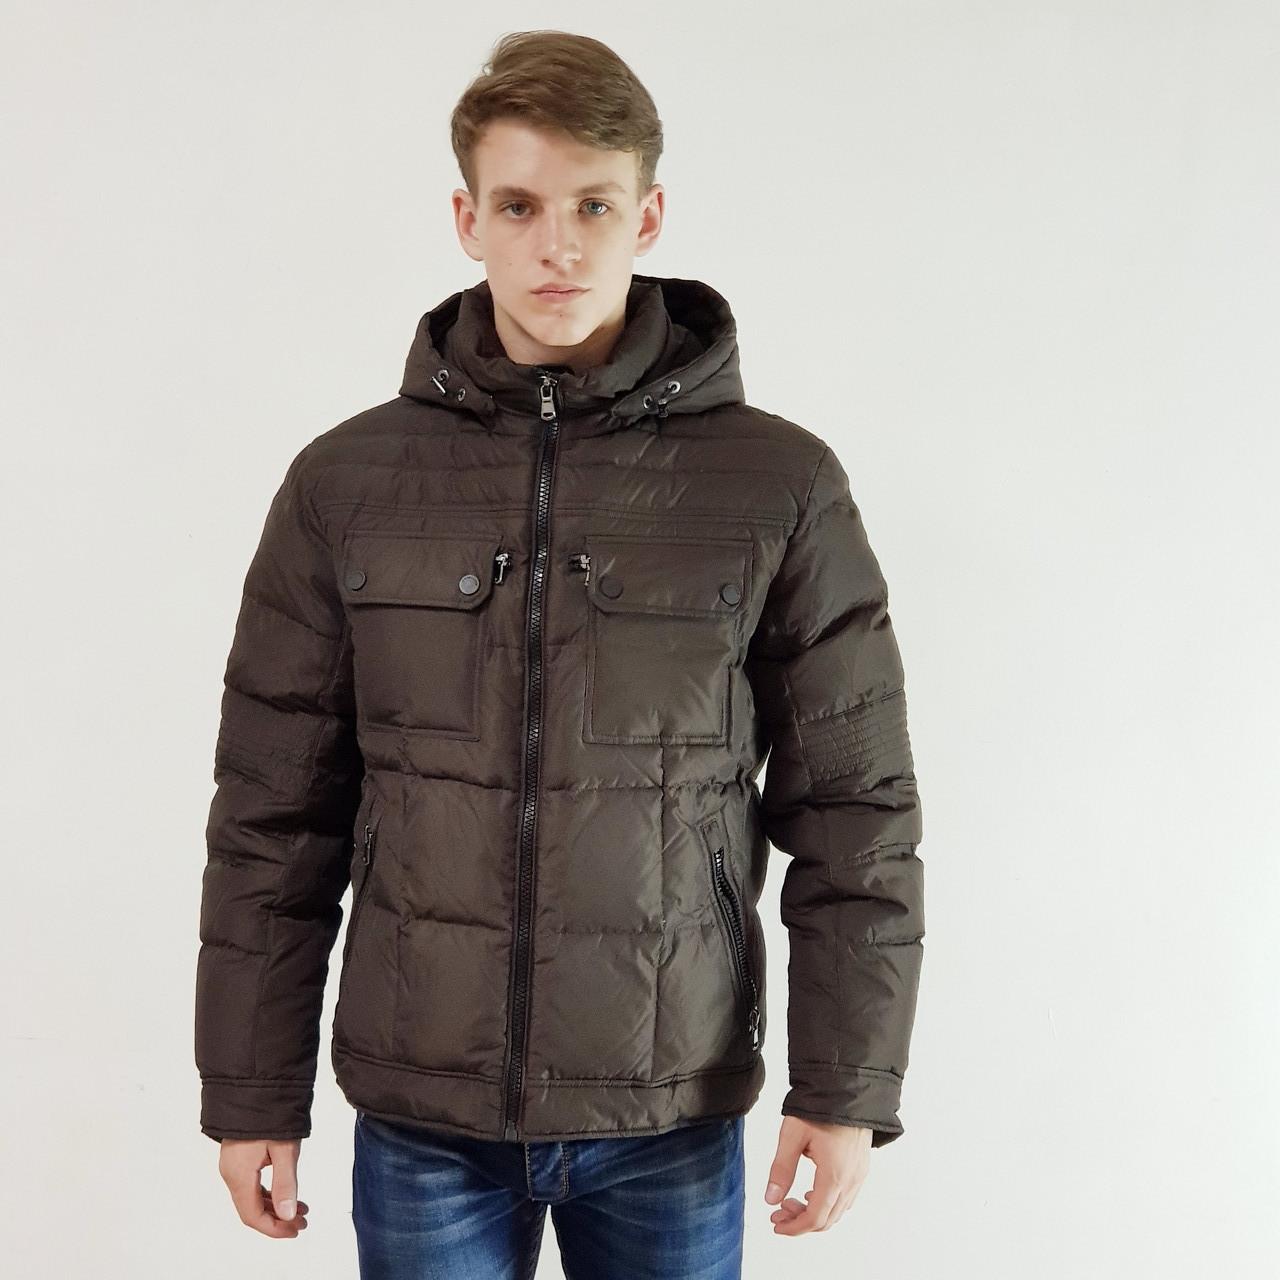 Куртка мужская зимняя Snowimage с капюшоном 54 коричневый 109A-4195